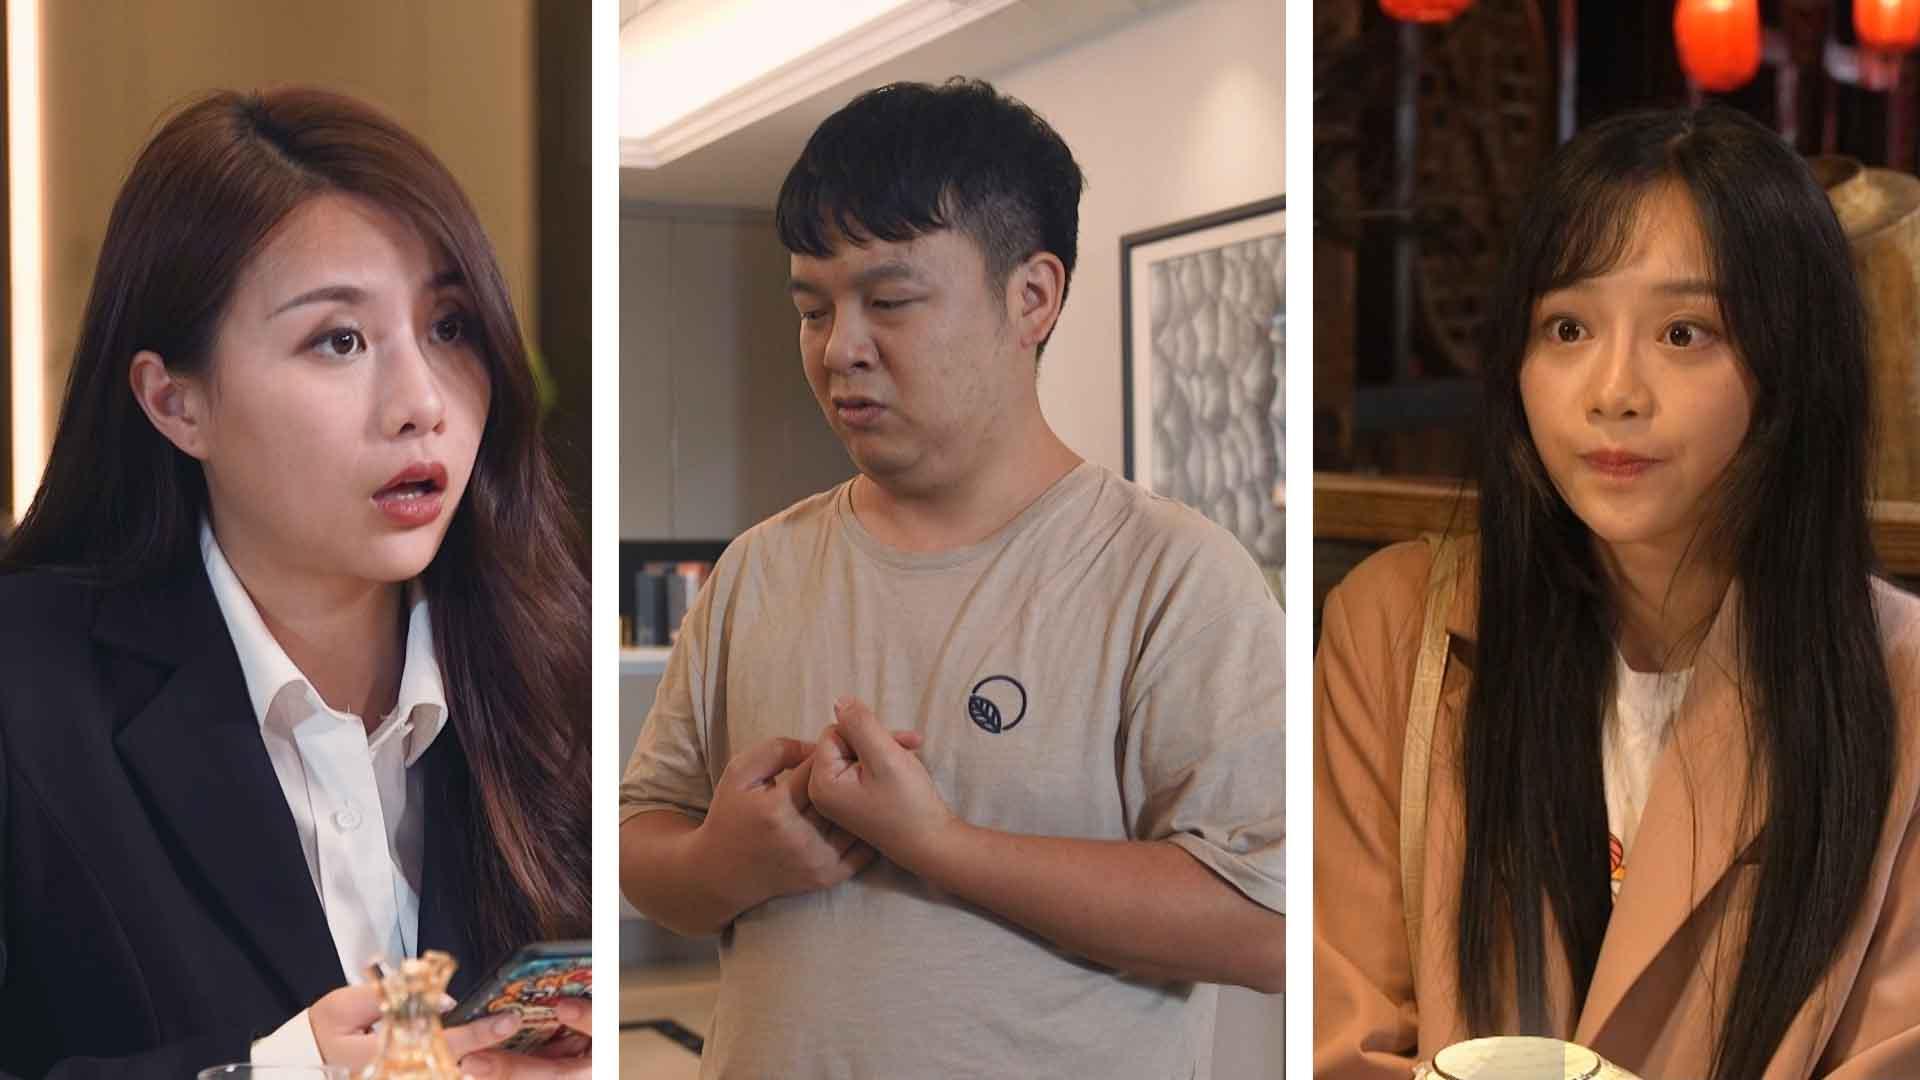 《陈翔六点半》第214集 相亲遇两美女可挑选,现在男孩这么吃香吗?